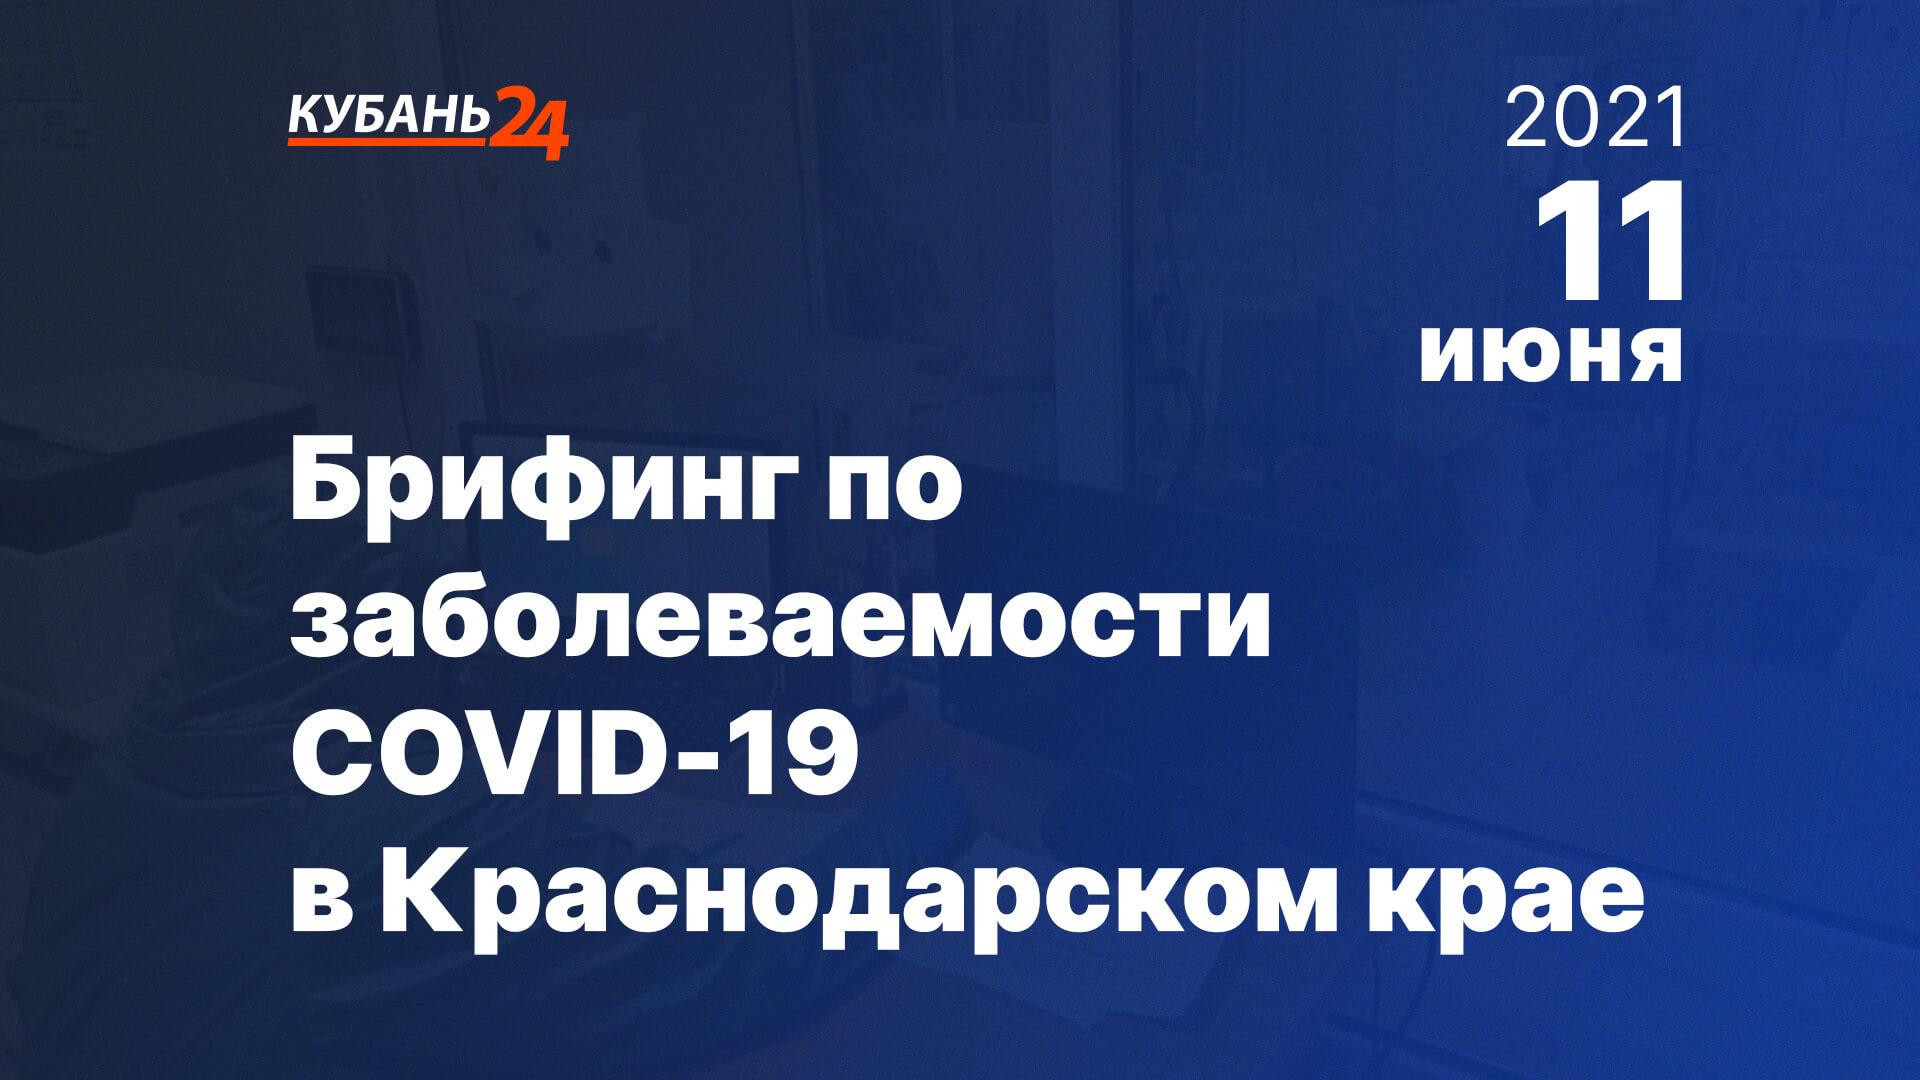 Брифинг по заболеваемости COVID-19 на Кубани пройдет 11 июня